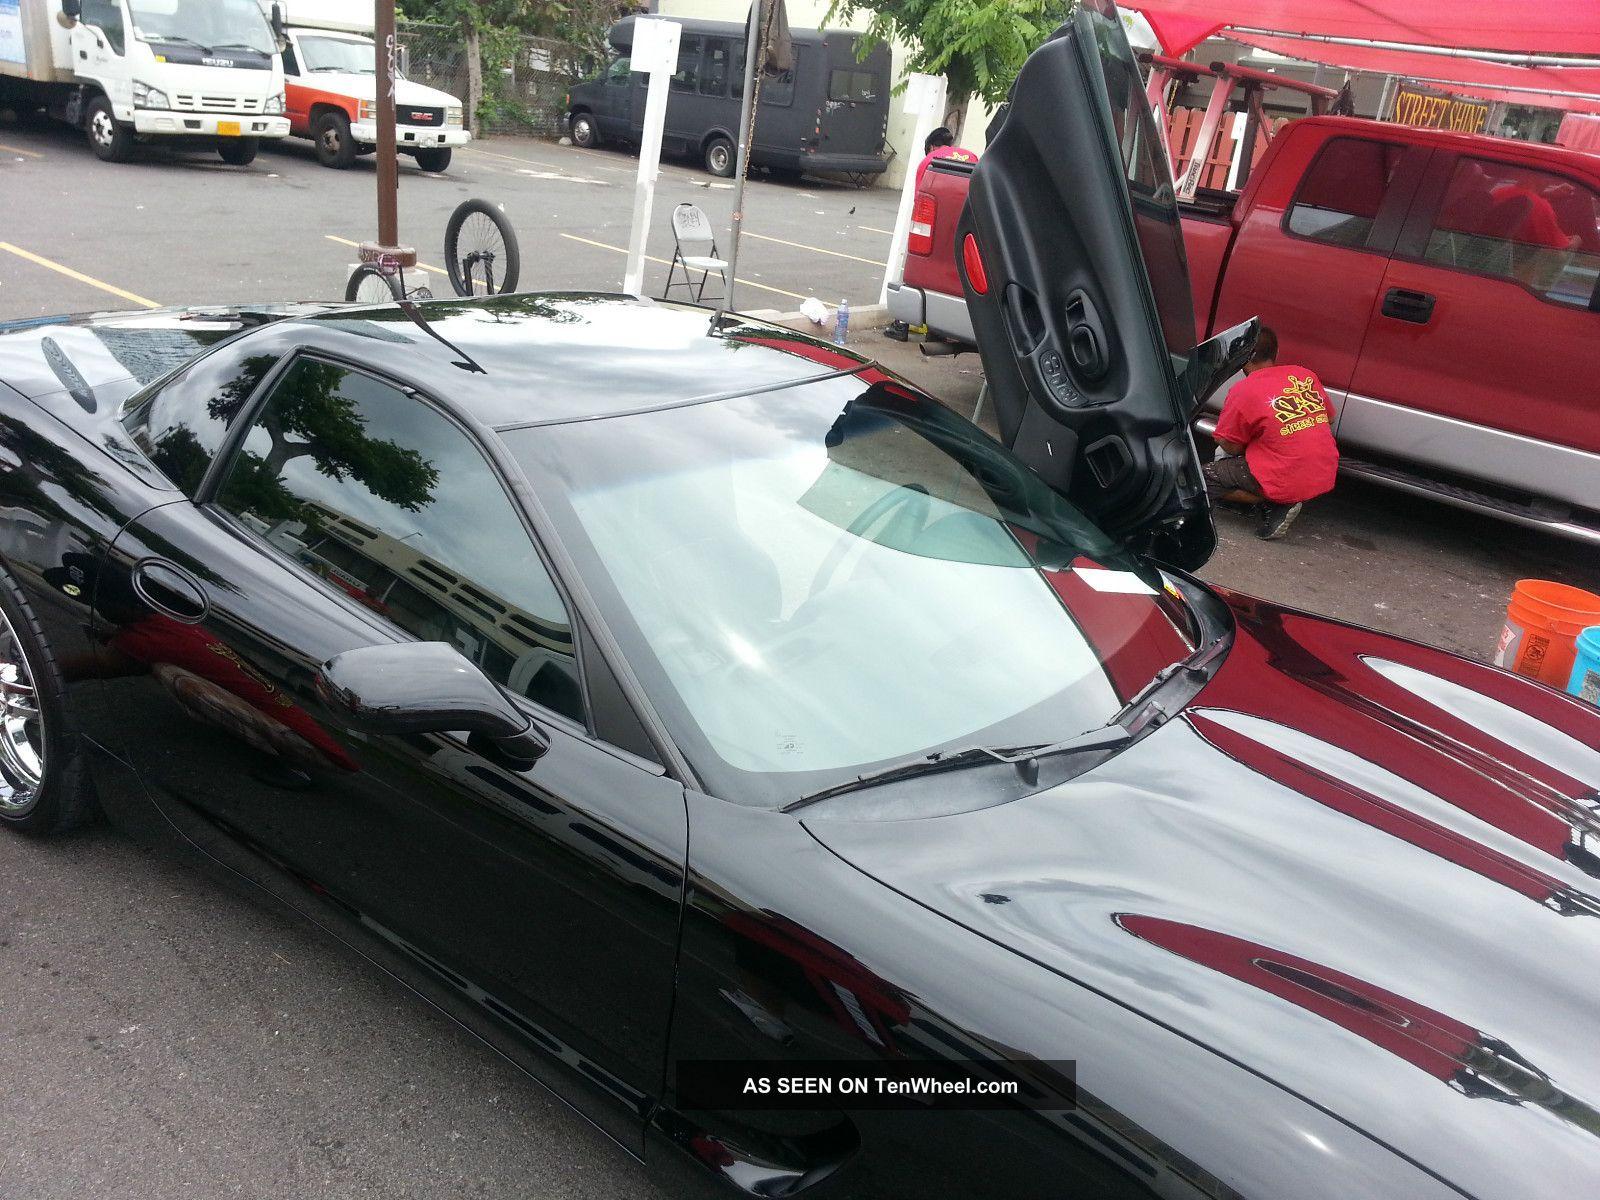 Batmobile Black Corvette With Wings Lambo Doors Custom Lgw